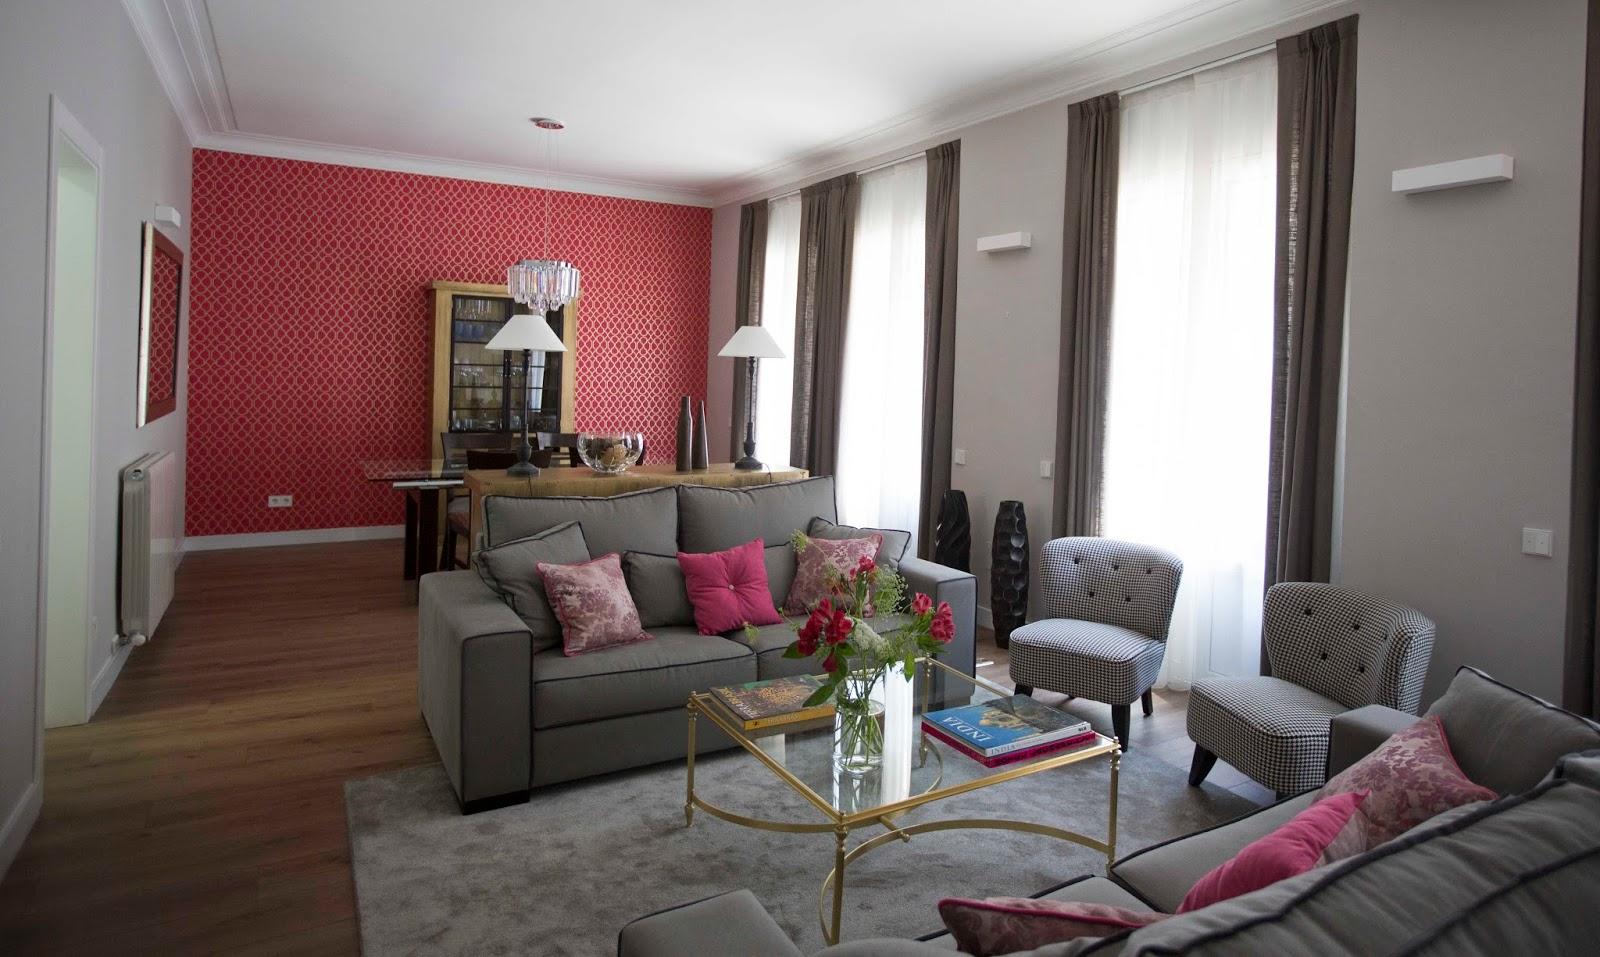 Pia capdevila interiorismo eventos suelos y paredes de madera a azulejos - Colores para paredes de salon ...